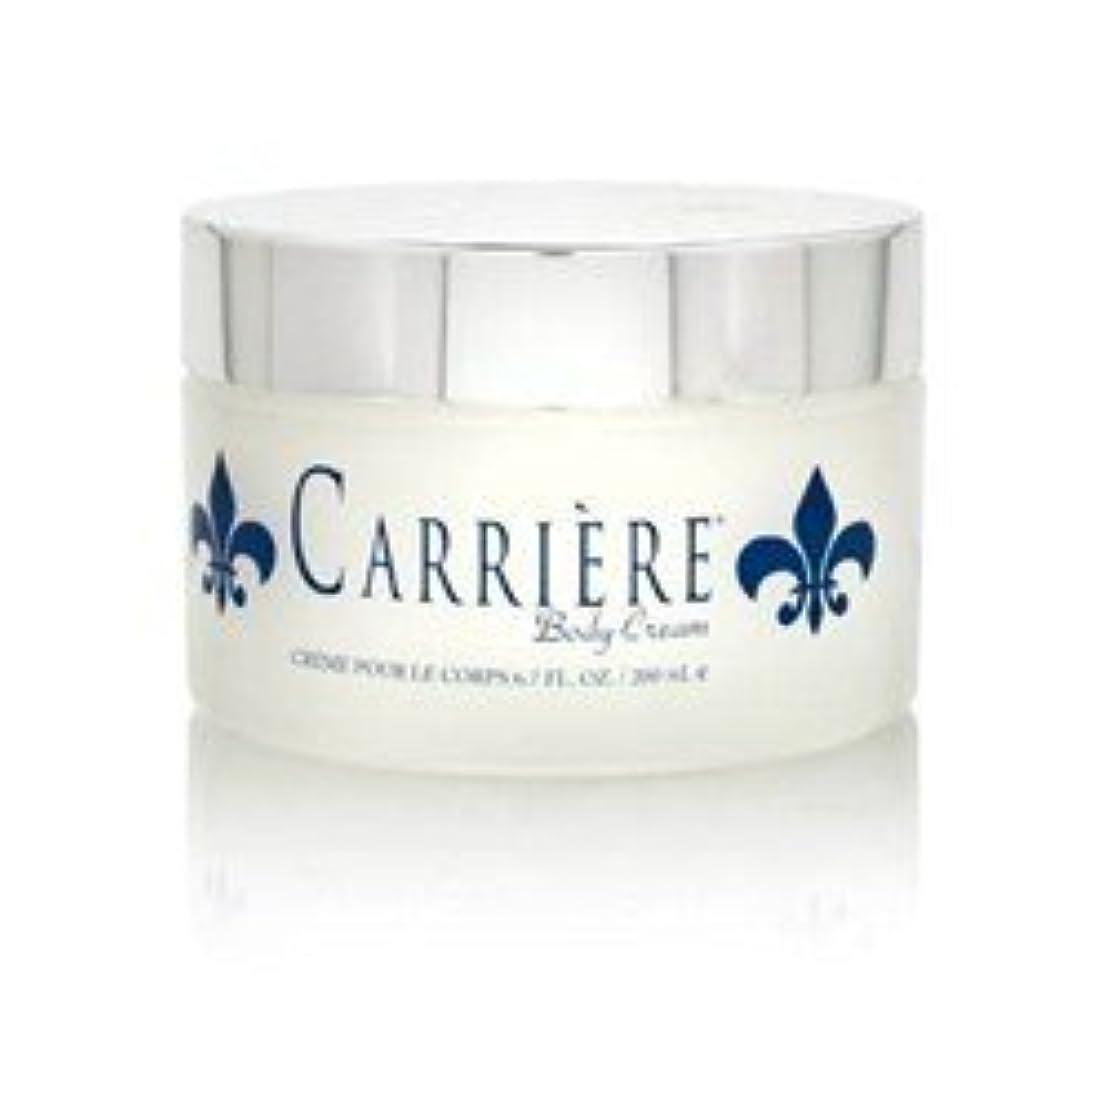 石鹸ご注意ご覧くださいCarriere (キャリアー)  6.7 oz (200ml) Perfumed Body Cream (ボディークリーム) by Gendarme for Women